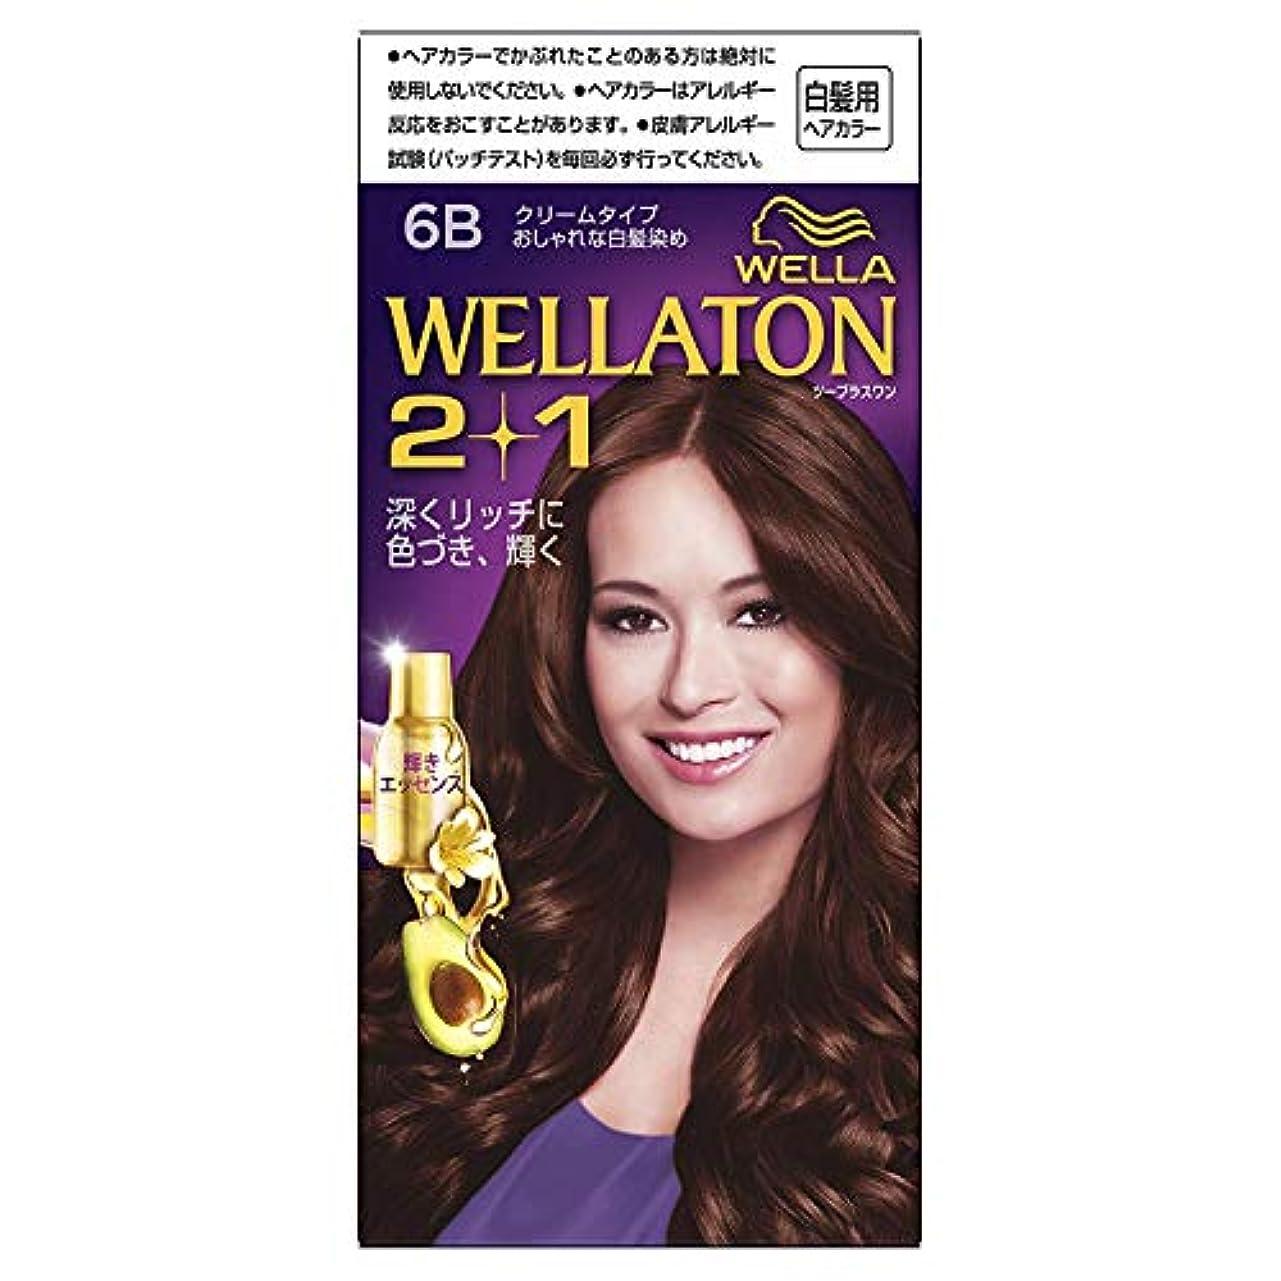 石炭分類手首ウエラトーン2+1 クリームタイプ 6B [医薬部外品] ×3個